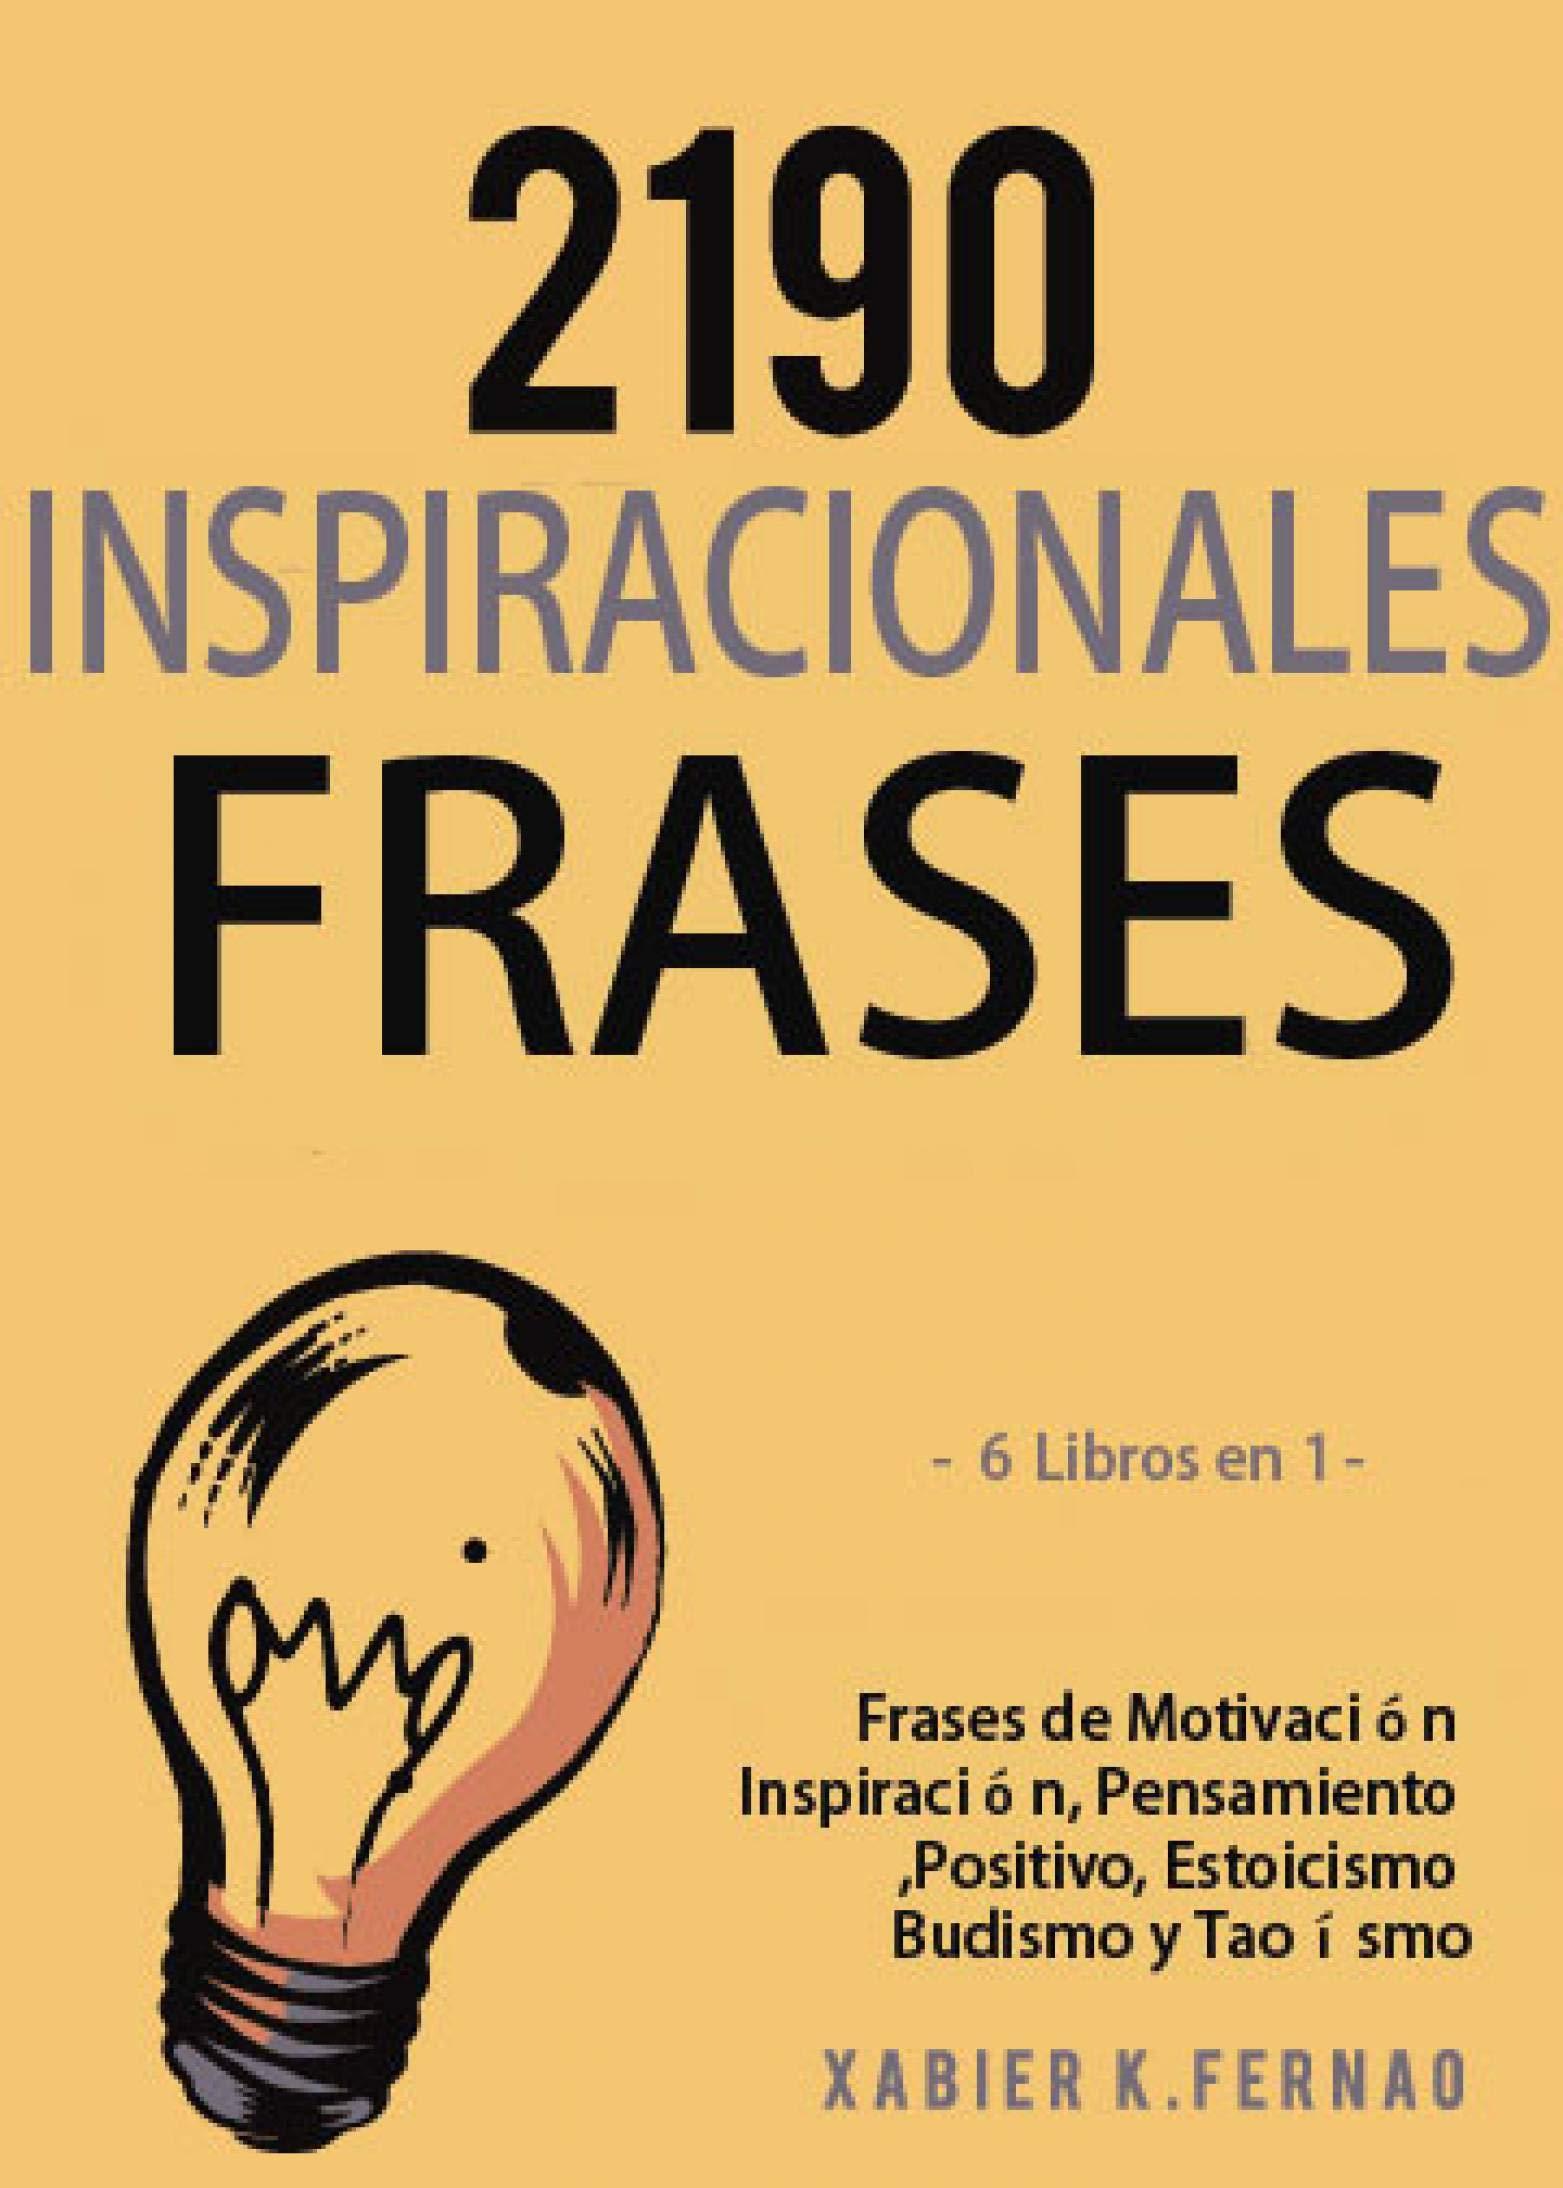 2190 Frases Inspiracionales: Frases de Motivación, Inspiración, Pensamiento Positivo, Estoicismo, Budismo y Taoísmo.